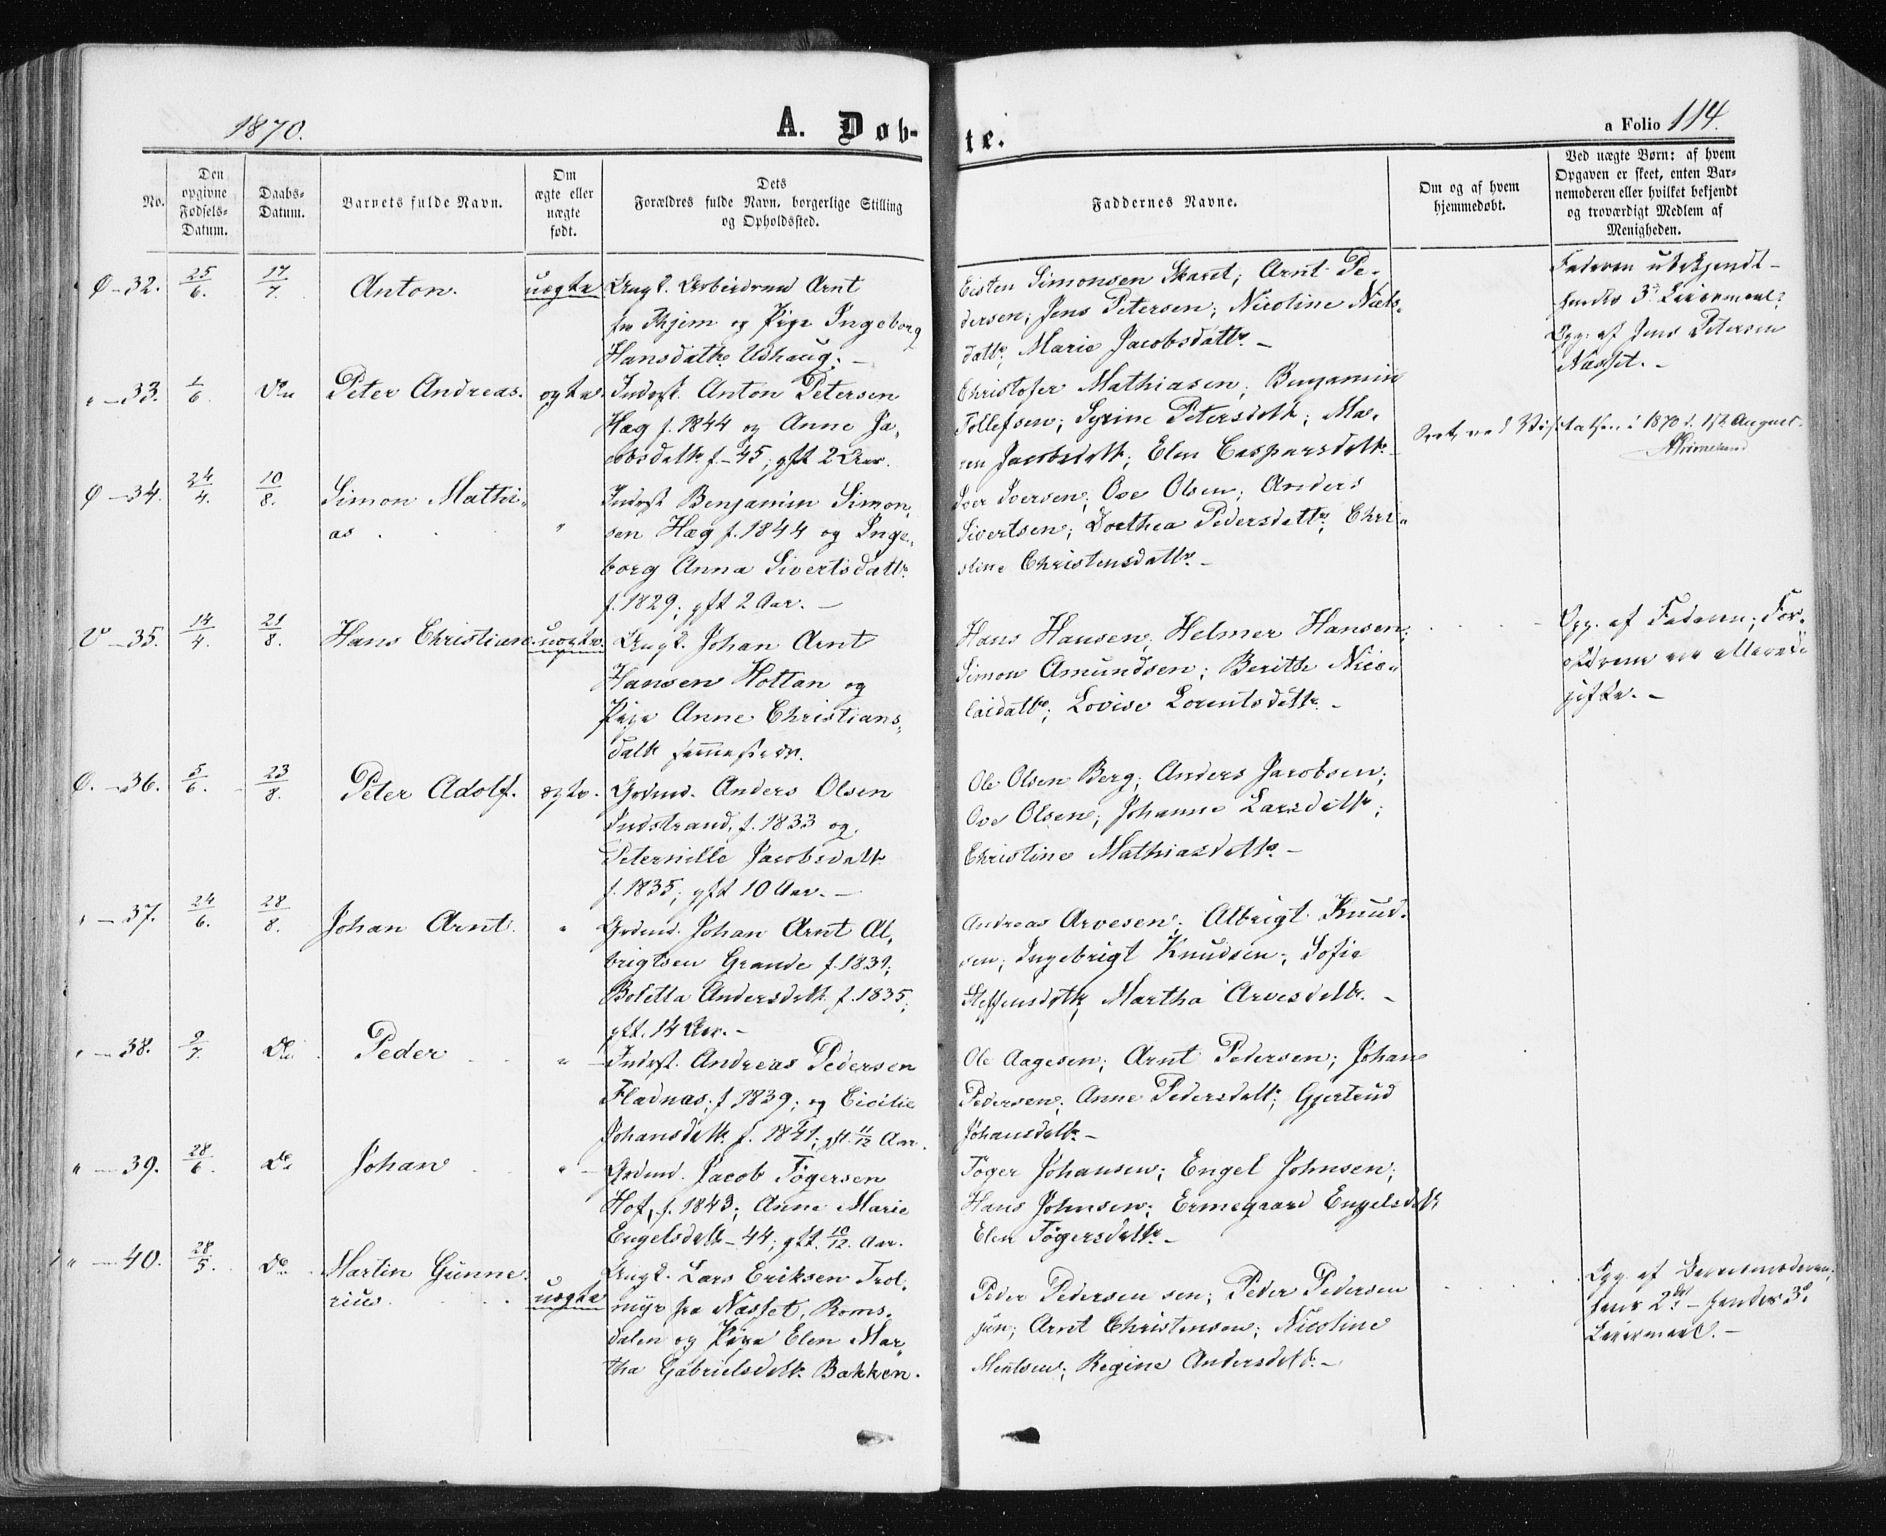 SAT, Ministerialprotokoller, klokkerbøker og fødselsregistre - Sør-Trøndelag, 659/L0737: Ministerialbok nr. 659A07, 1857-1875, s. 114